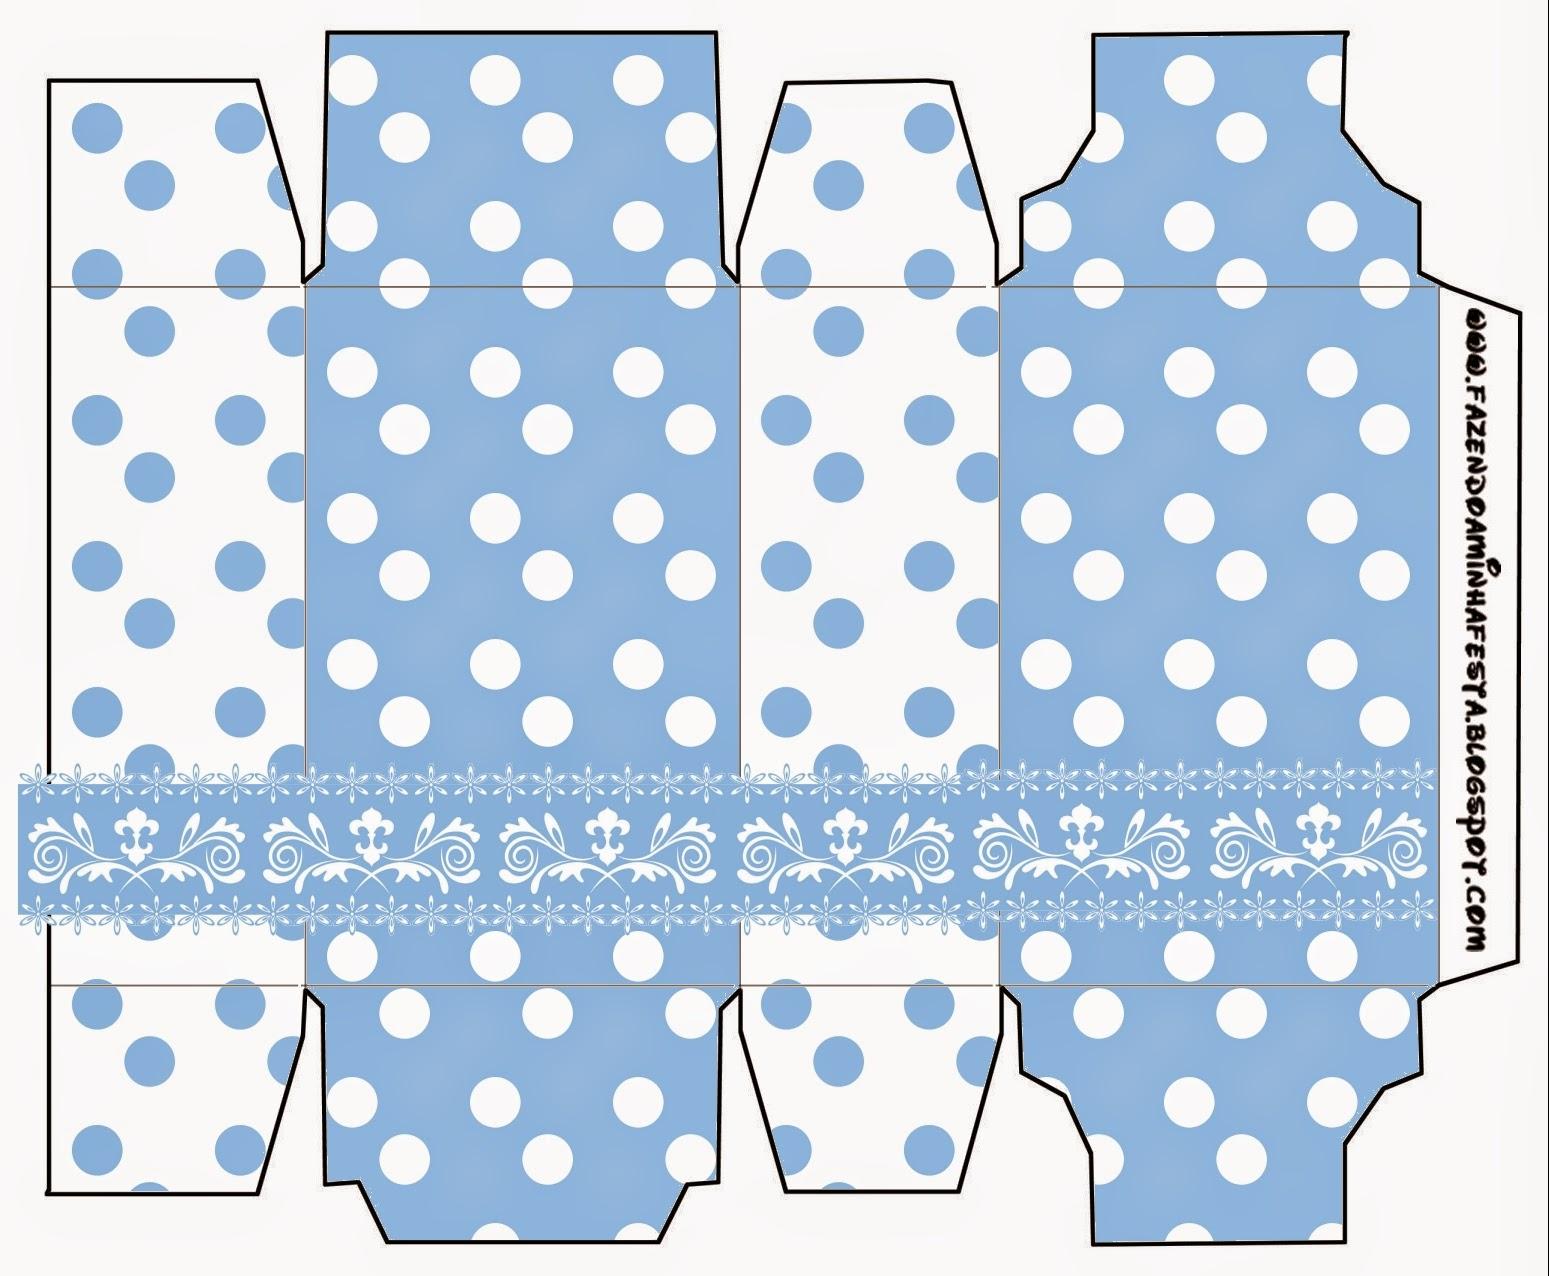 Cajas de Celeste con Lunares Blancos para imprimir gratis.